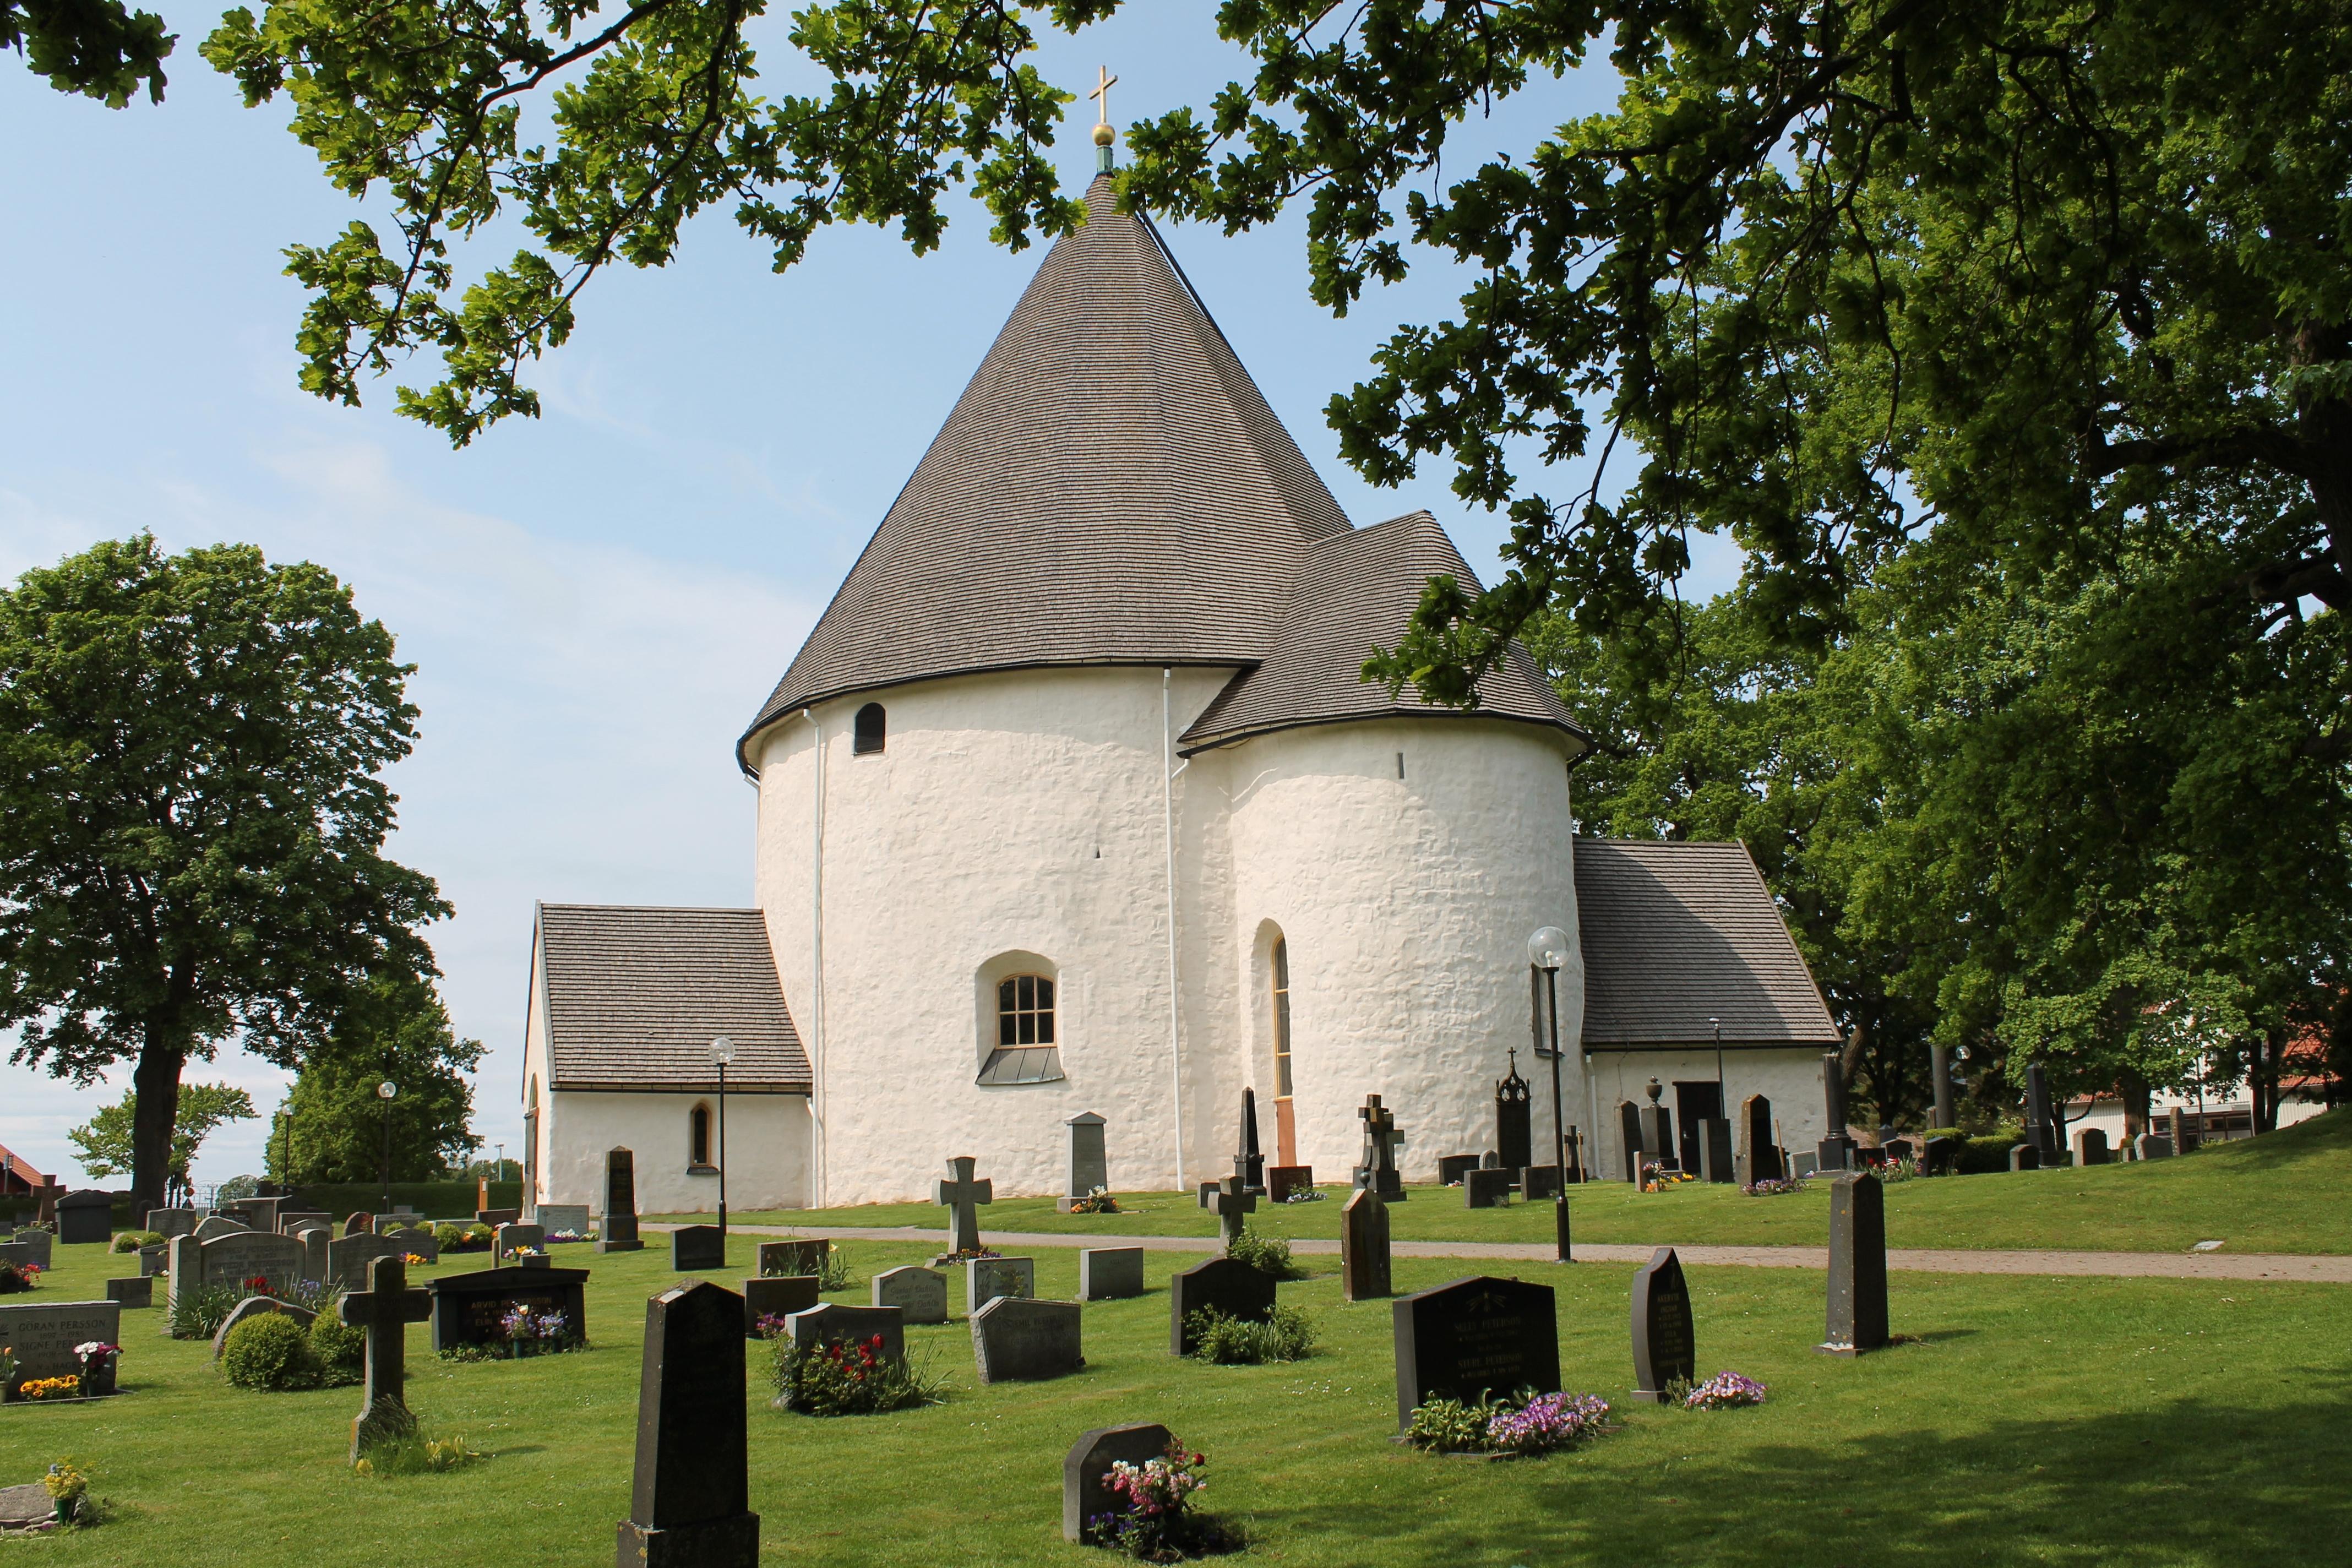 Hagby kyrka, Vapenhus och kor samt ett ledningsschakt p